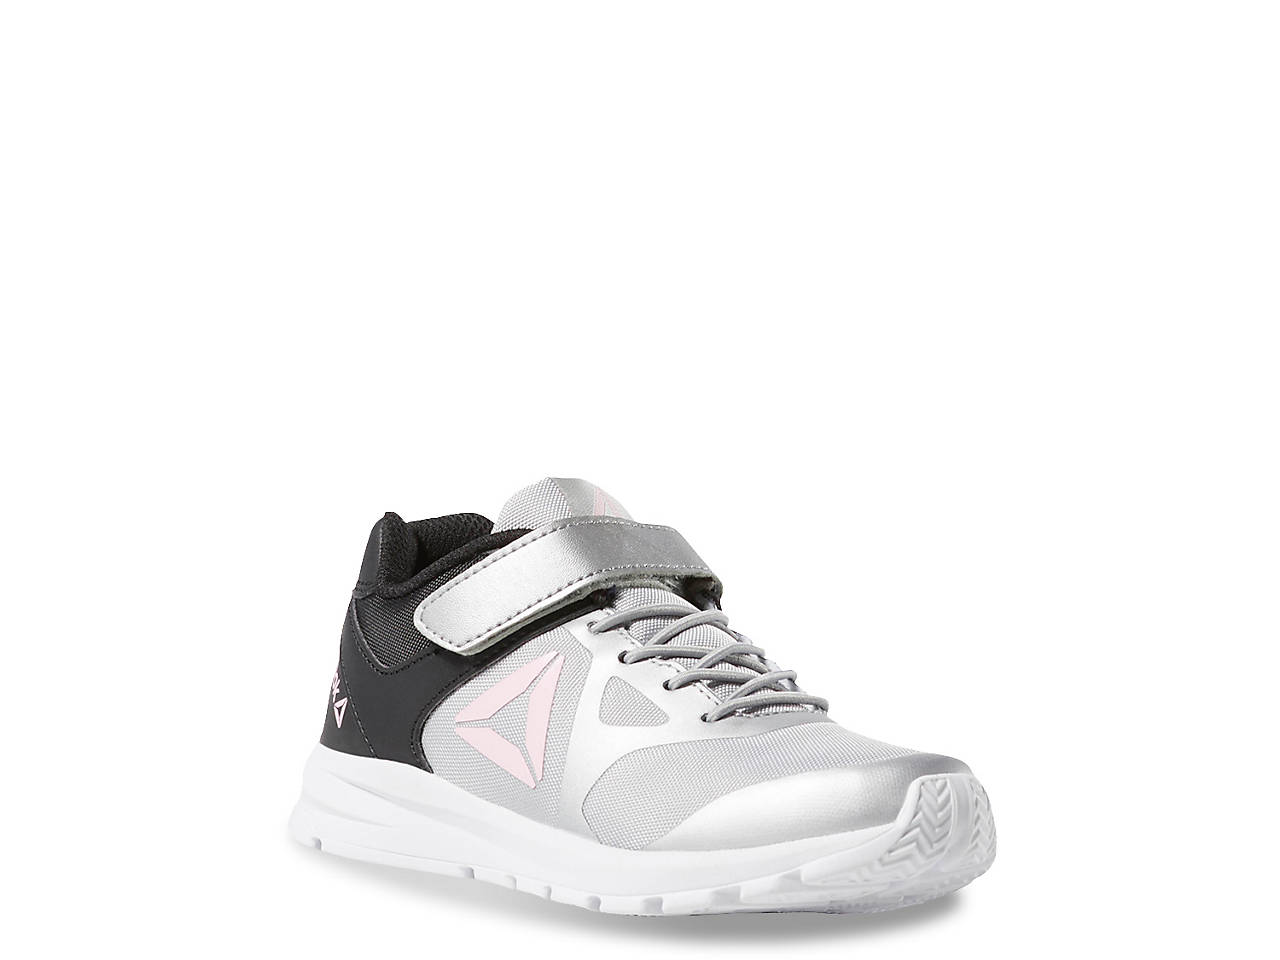 55ef4ff7 Rush Runner ALT Toddler & Youth Sneaker